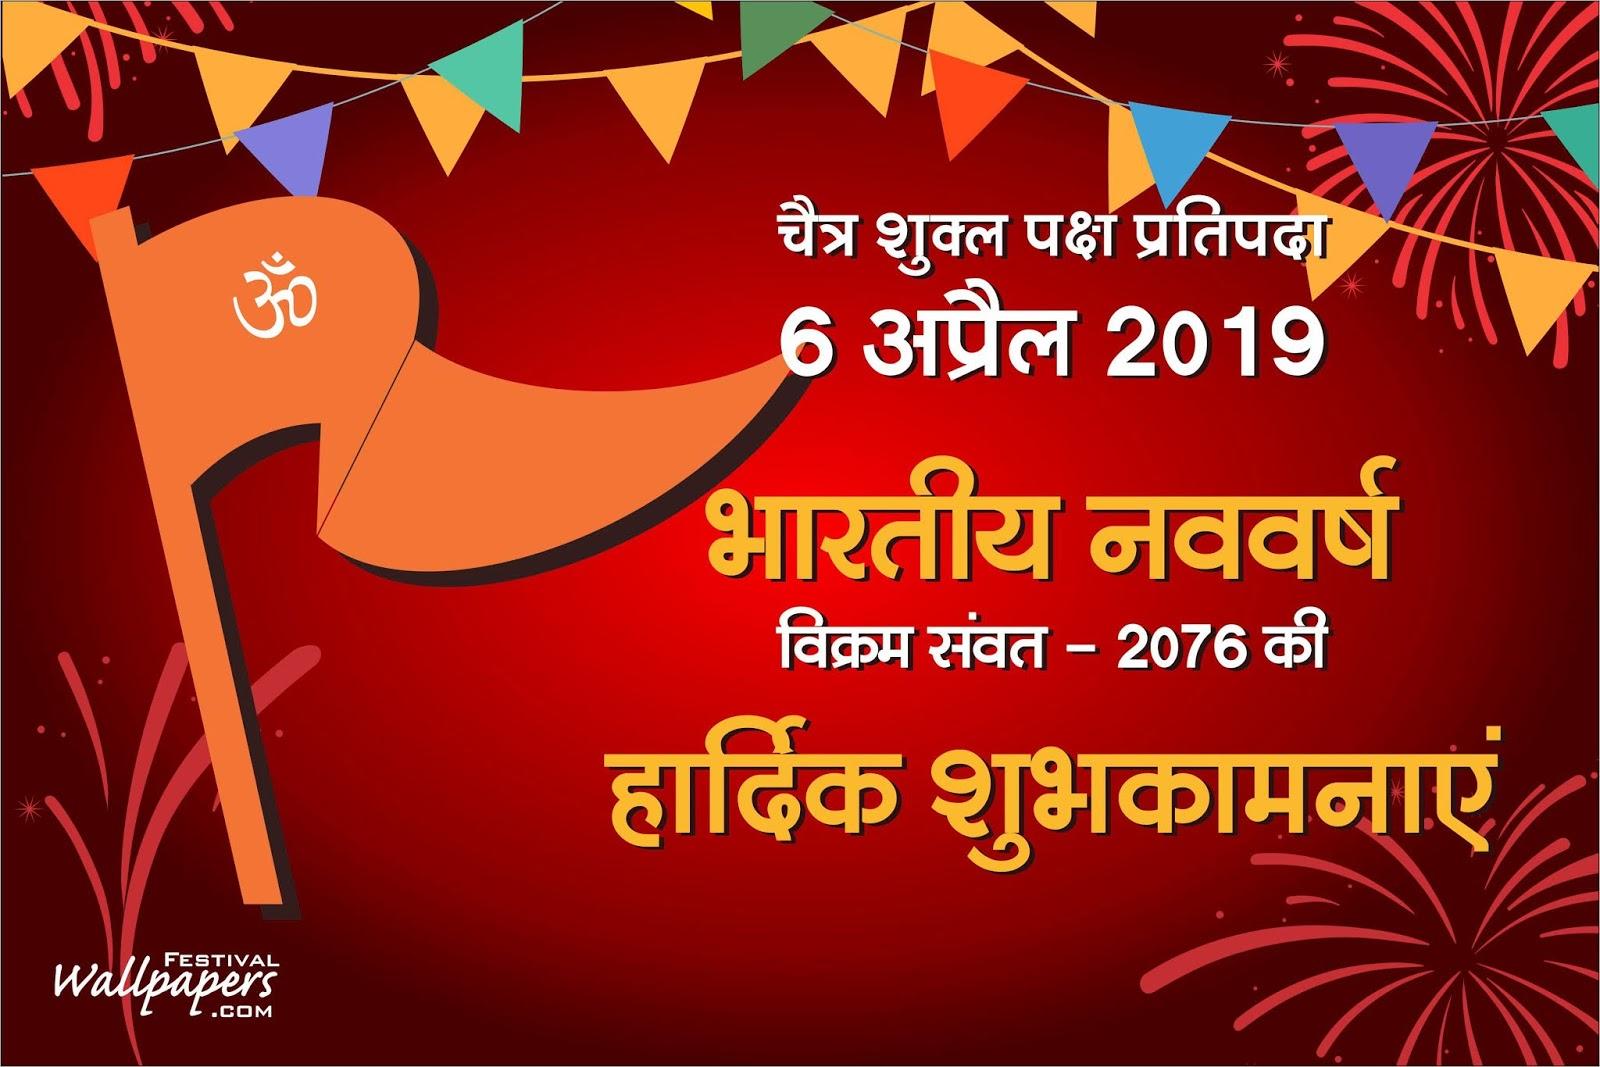 Hindu Nav Varsh 2019 Wishes in Hindi